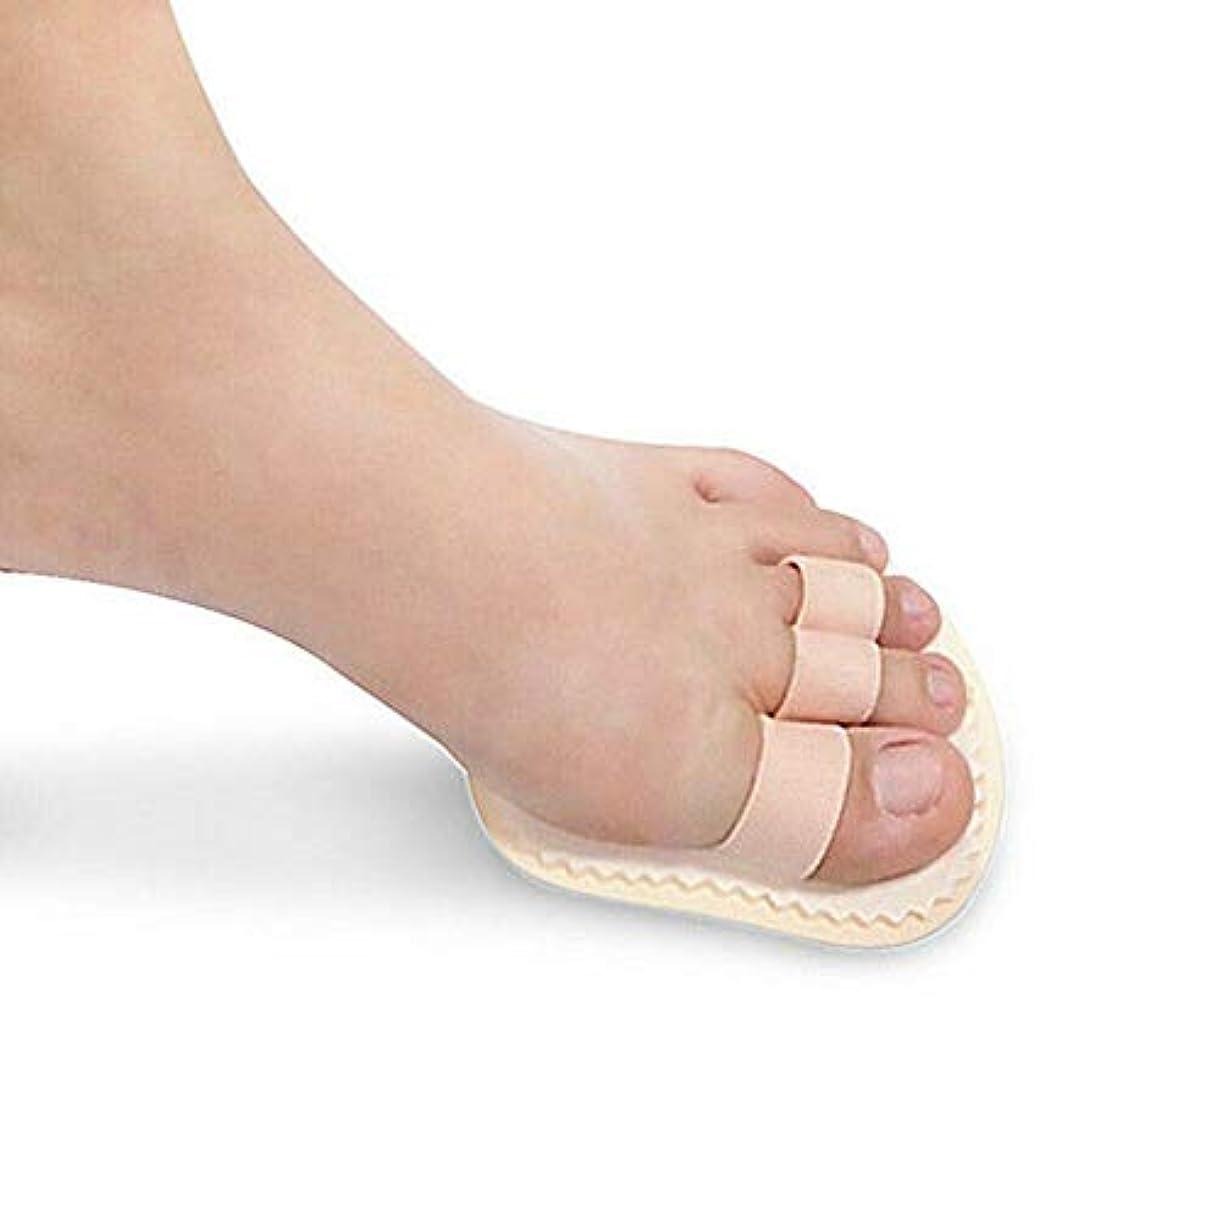 つま先矯正 フットプロテクター フットケアツール 健康管理 腱膜瘤 痛みの緩和 (肌の色, 3爪先:9 * 10.8)